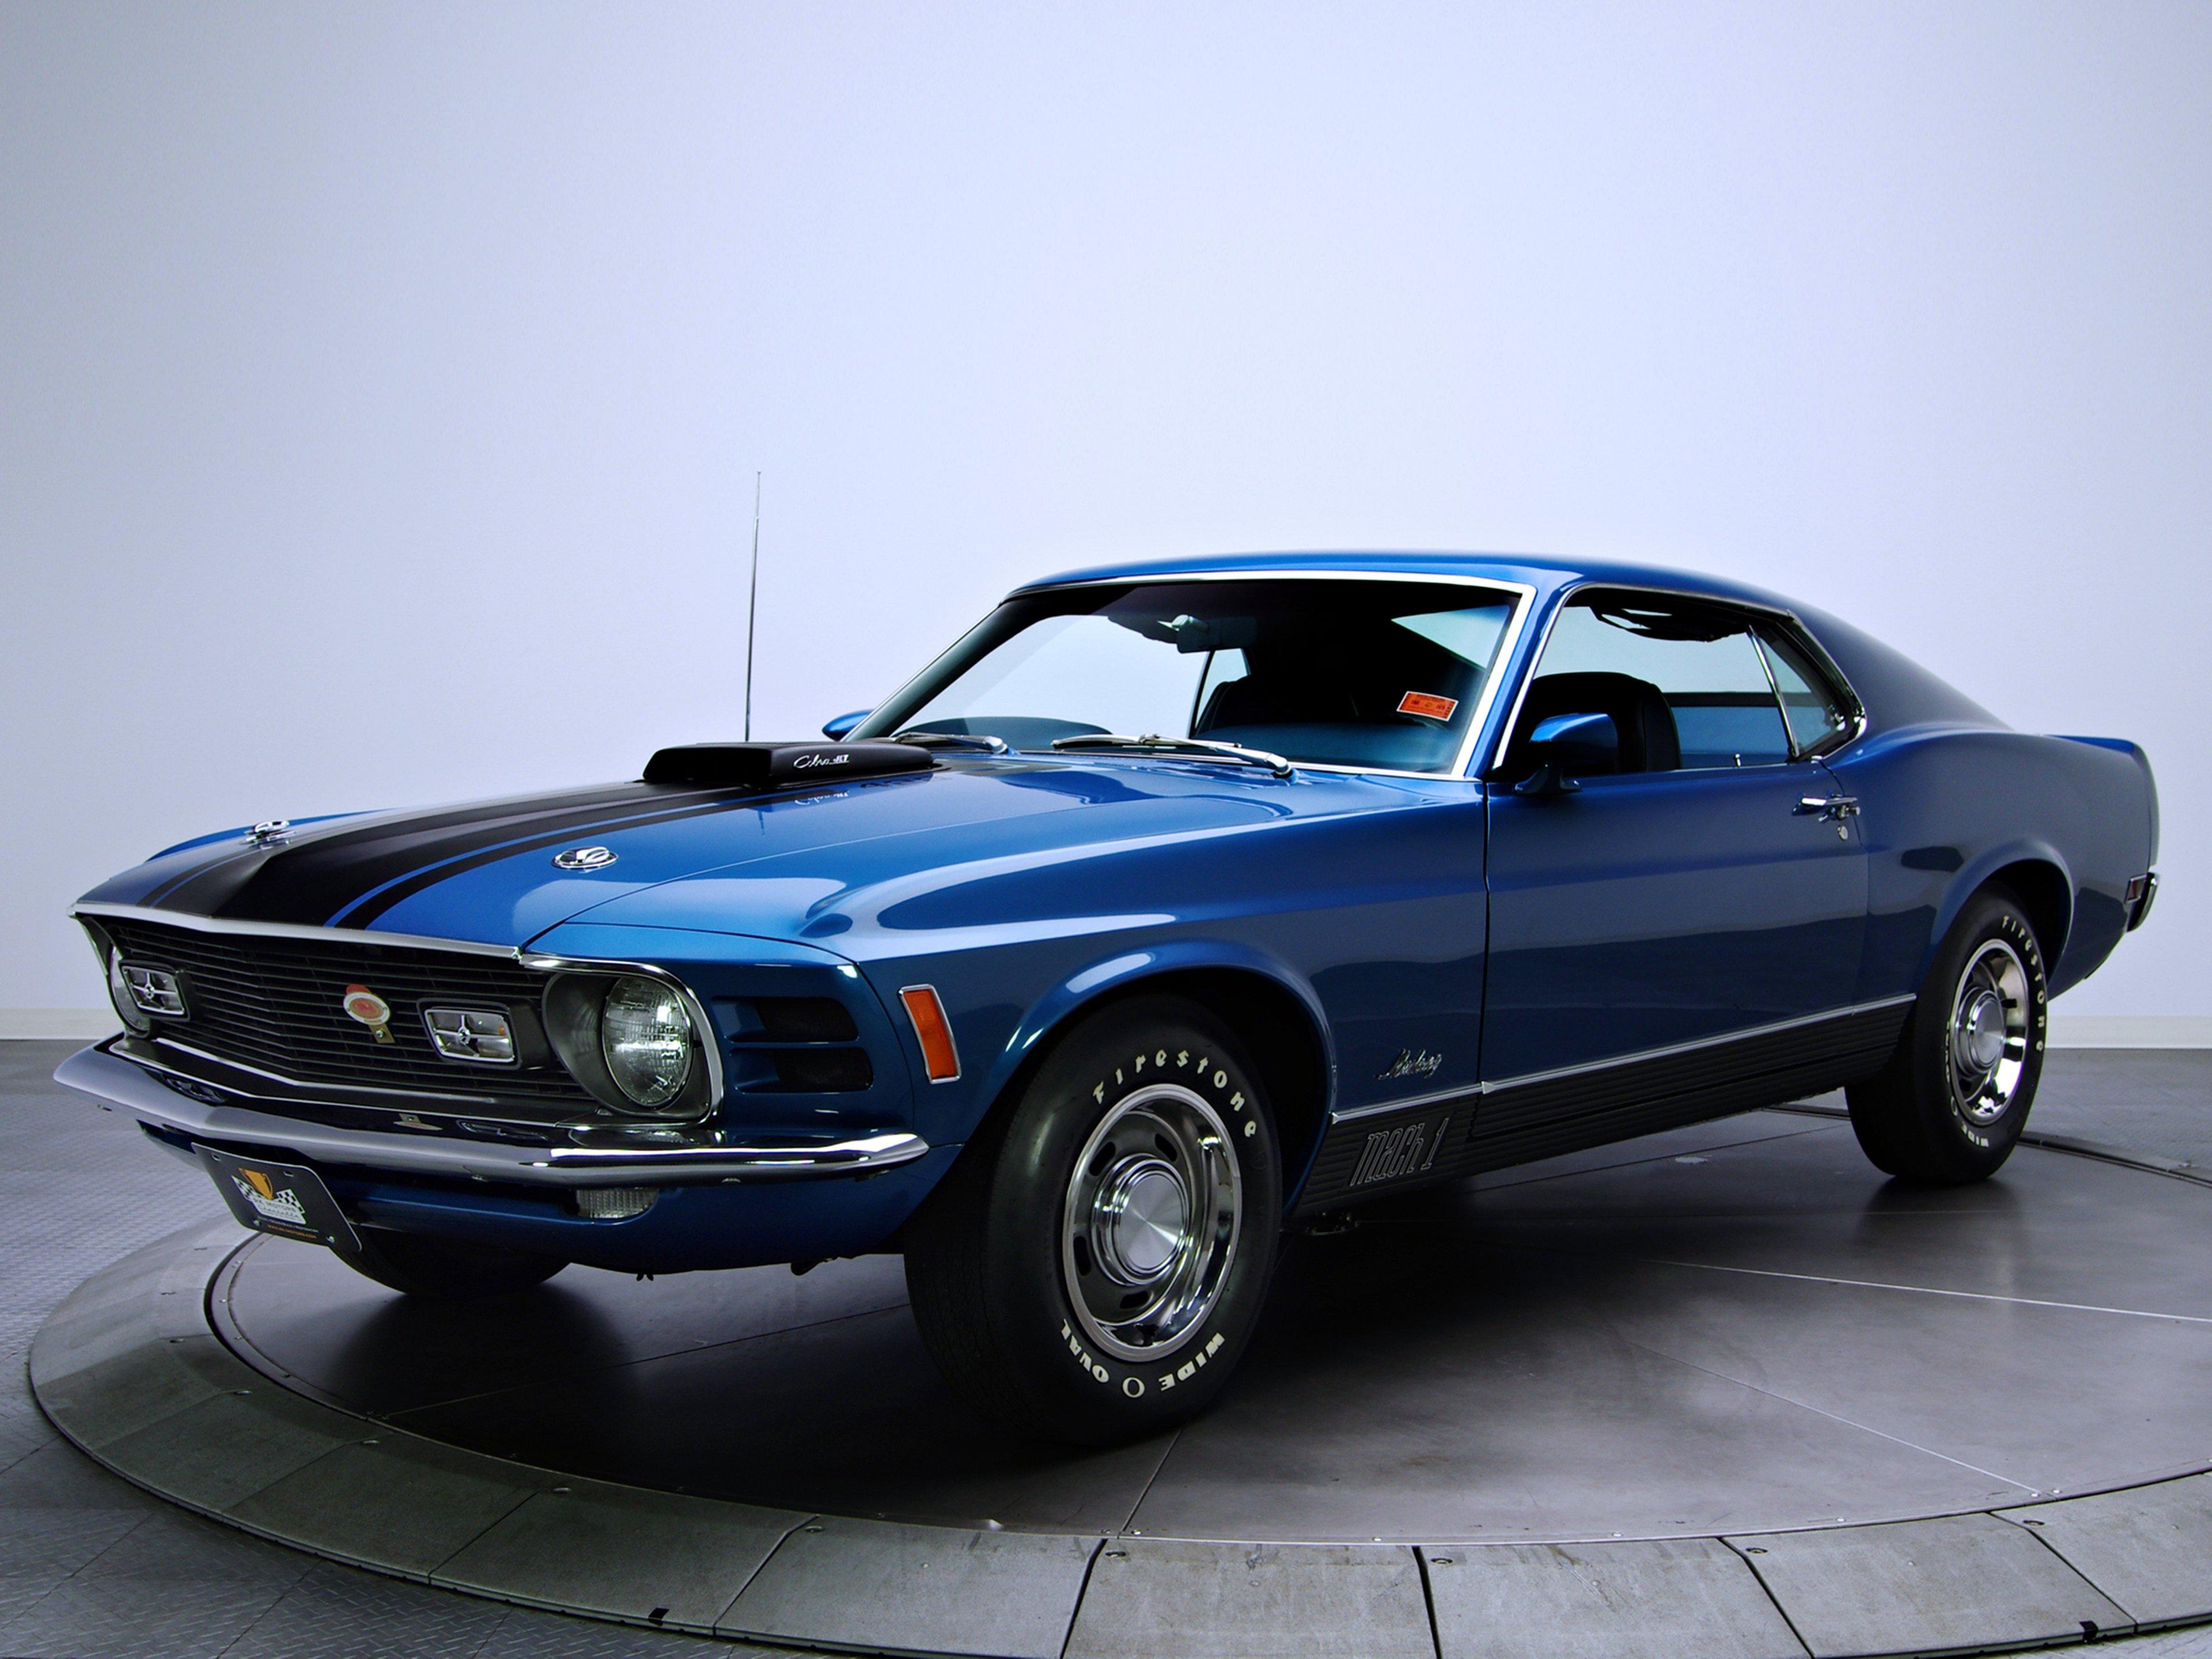 Mustang Mach Super Cobra Jet Cars Old Classic Motors